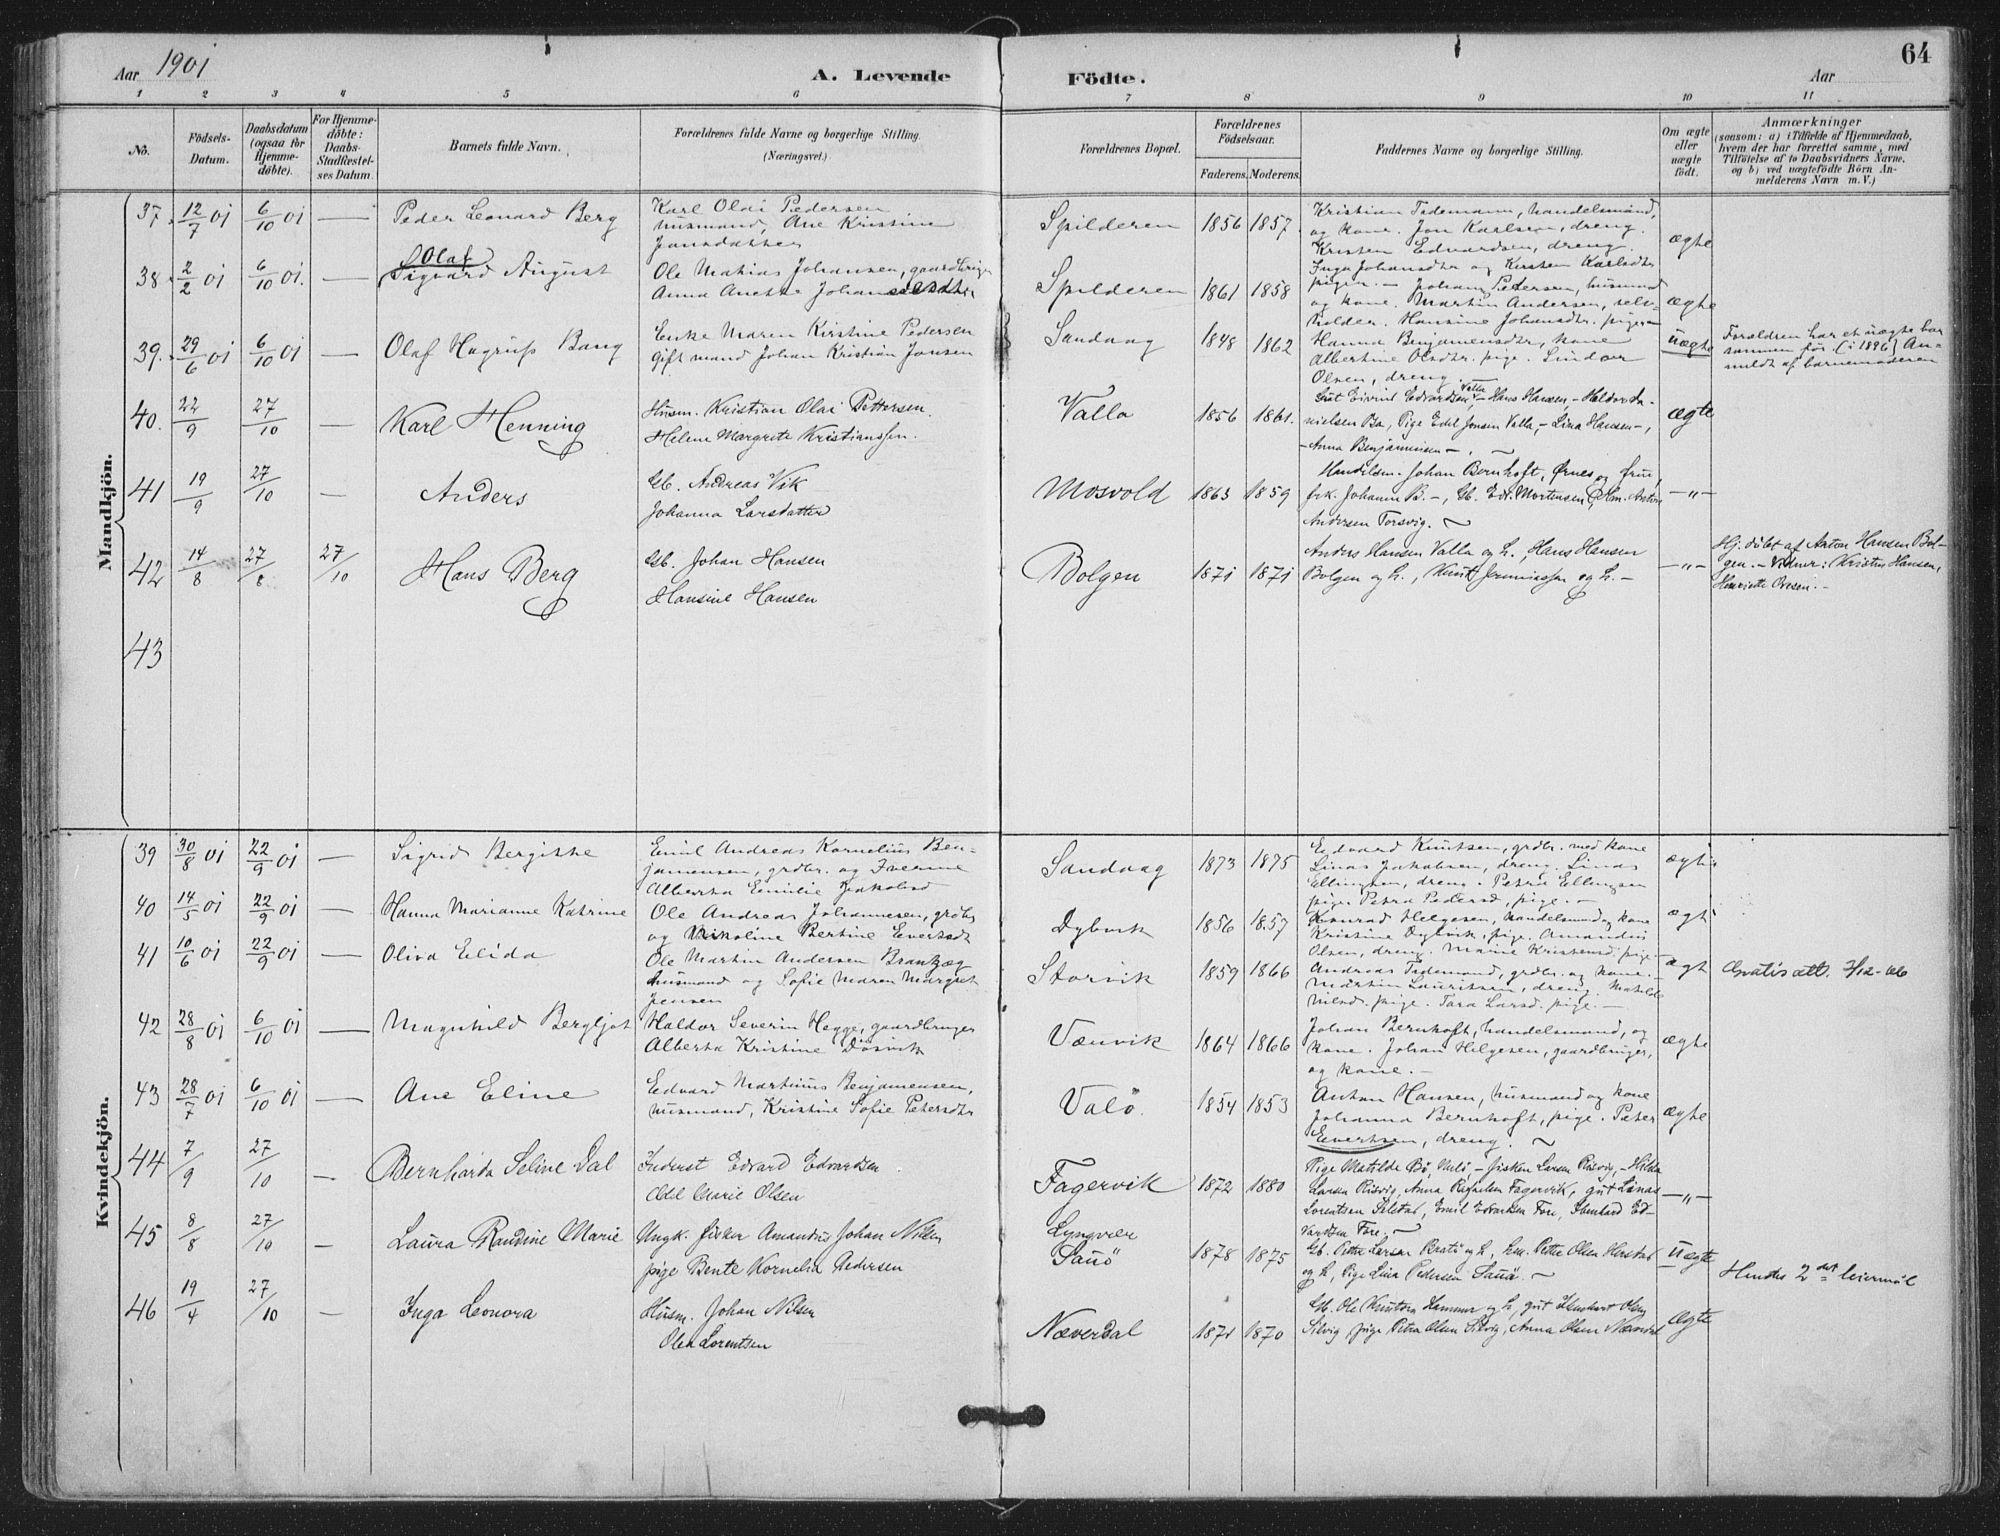 SAT, Ministerialprotokoller, klokkerbøker og fødselsregistre - Nordland, 843/L0628: Parish register (official) no. 843A03, 1889-1907, p. 64